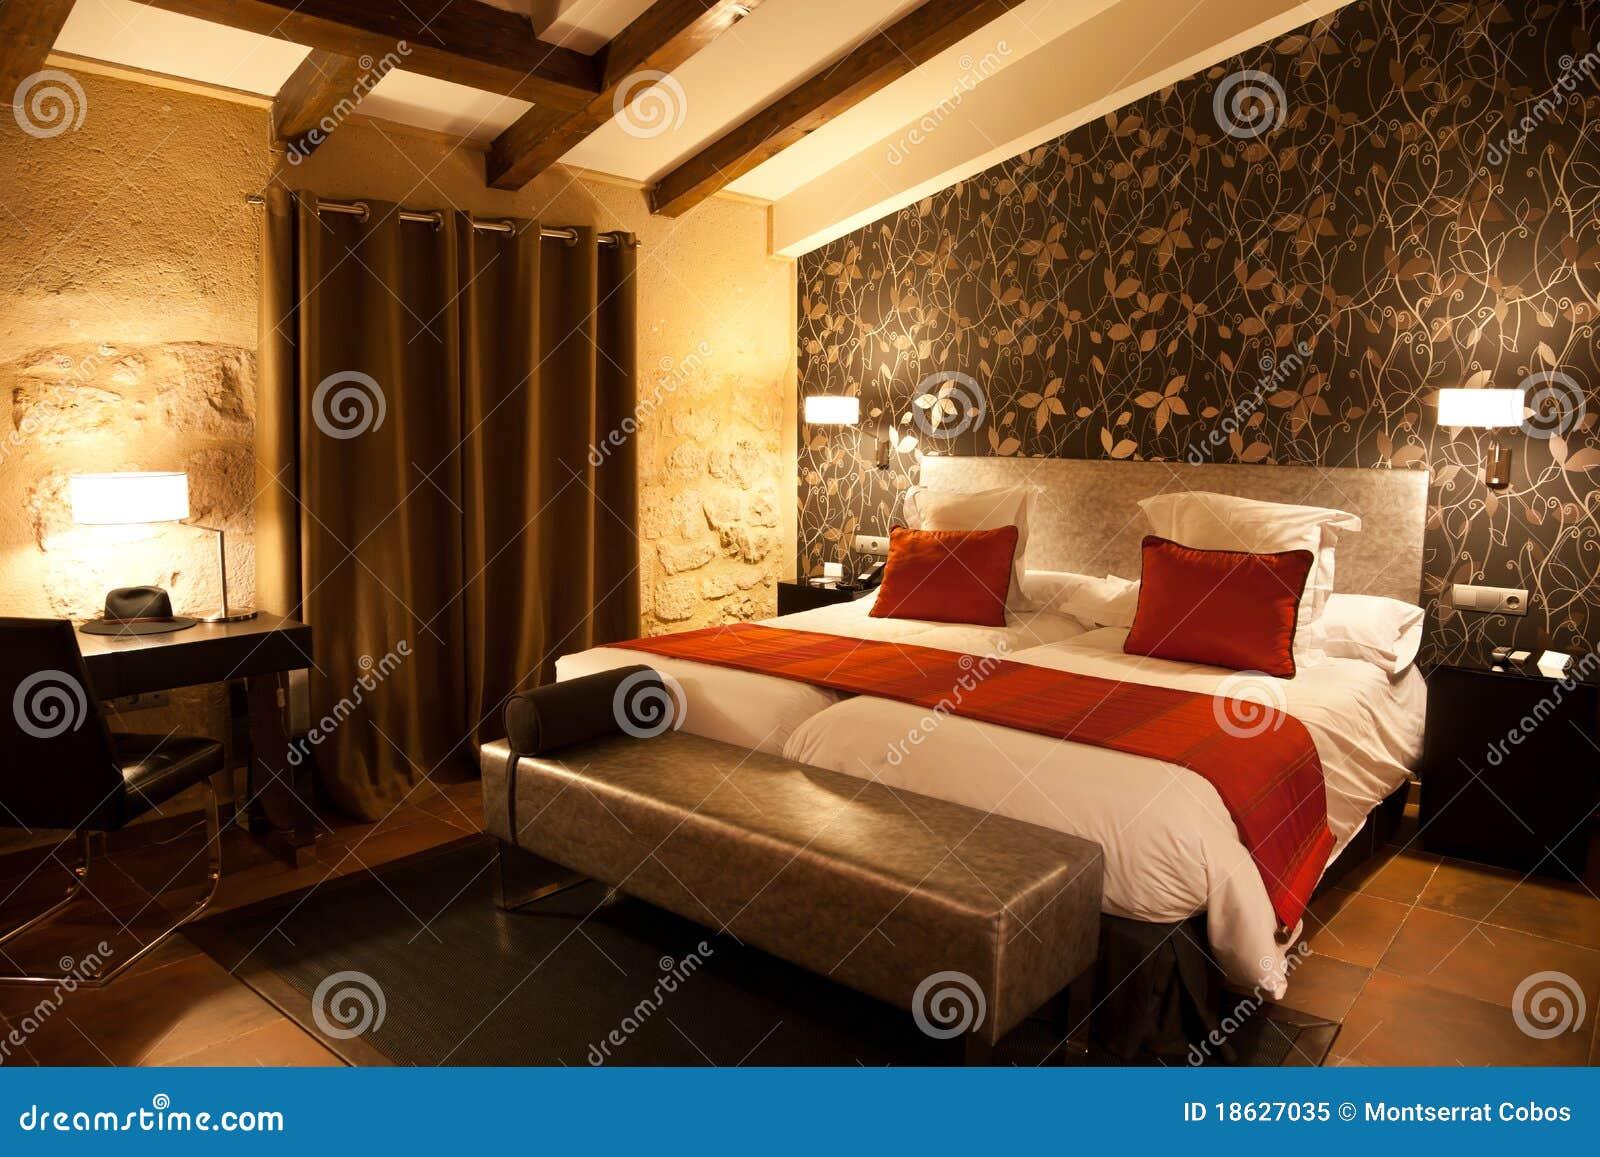 camera da letto moderna della mansarda fotografia stock libera da ... - Mansarda Camera Da Letto